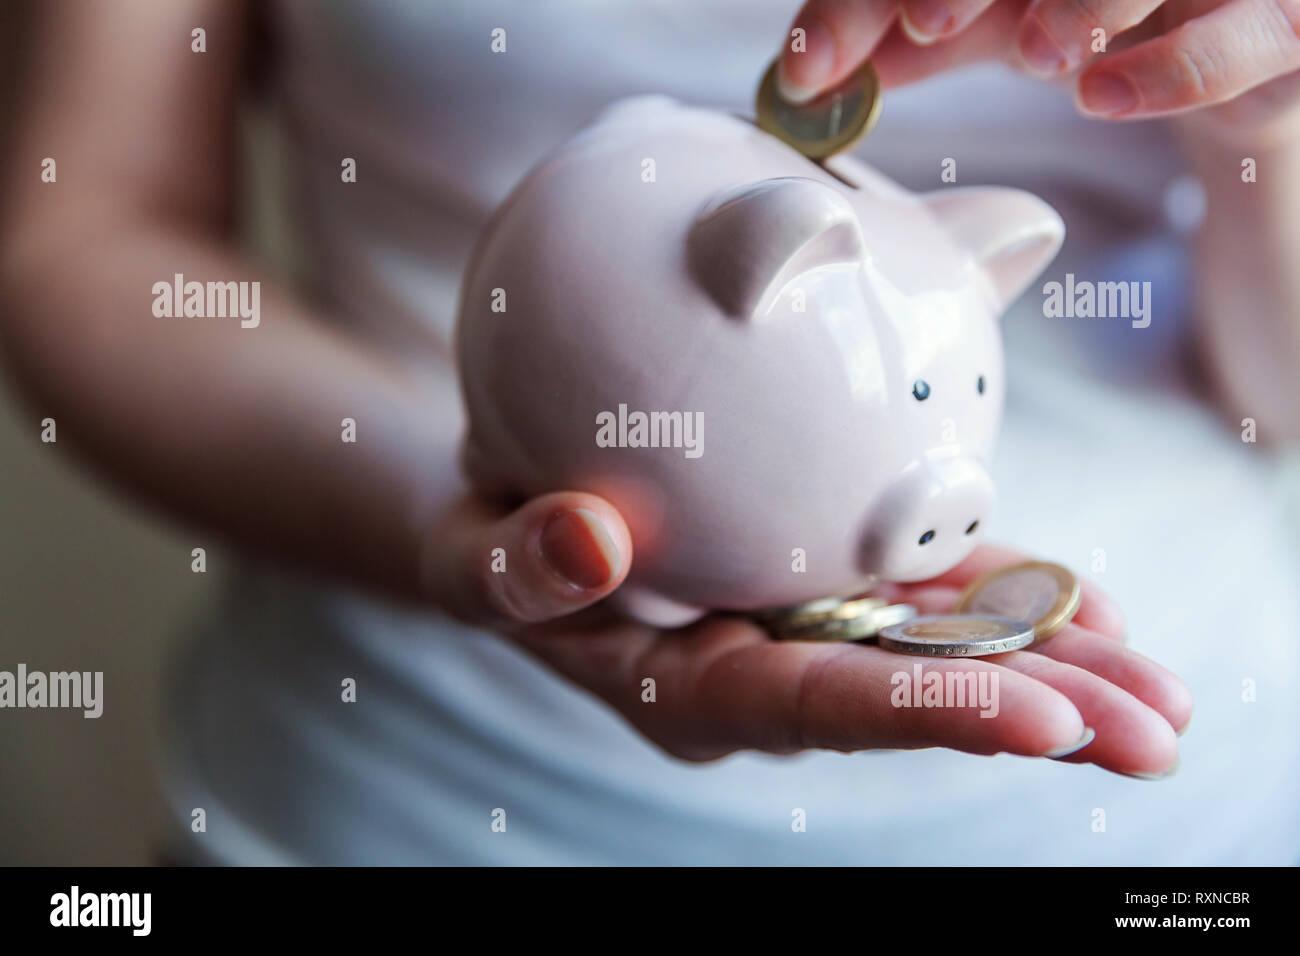 Donna femmina mani rosa salvadanaio e mettere il denaro Euro moneta. Salvataggio di bilancio degli investimenti aziendali pensionamento della ricchezza finanziaria delle banche di denaro concept Foto Stock